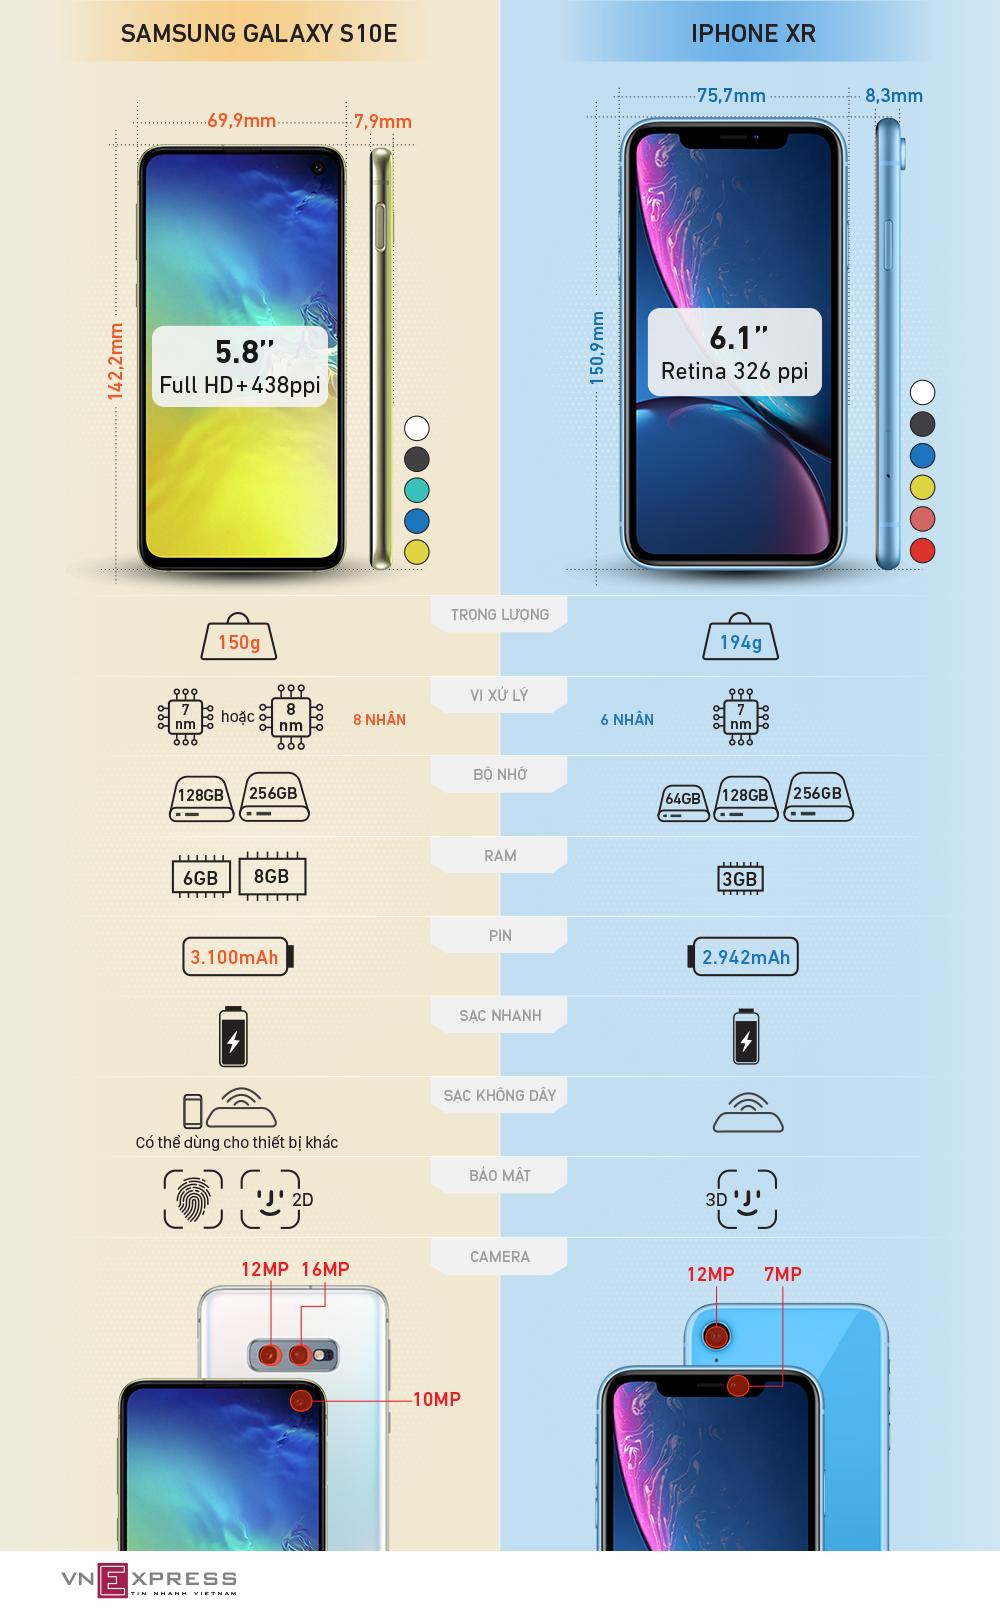 Galaxy S10e đọ thông số iPhone XR